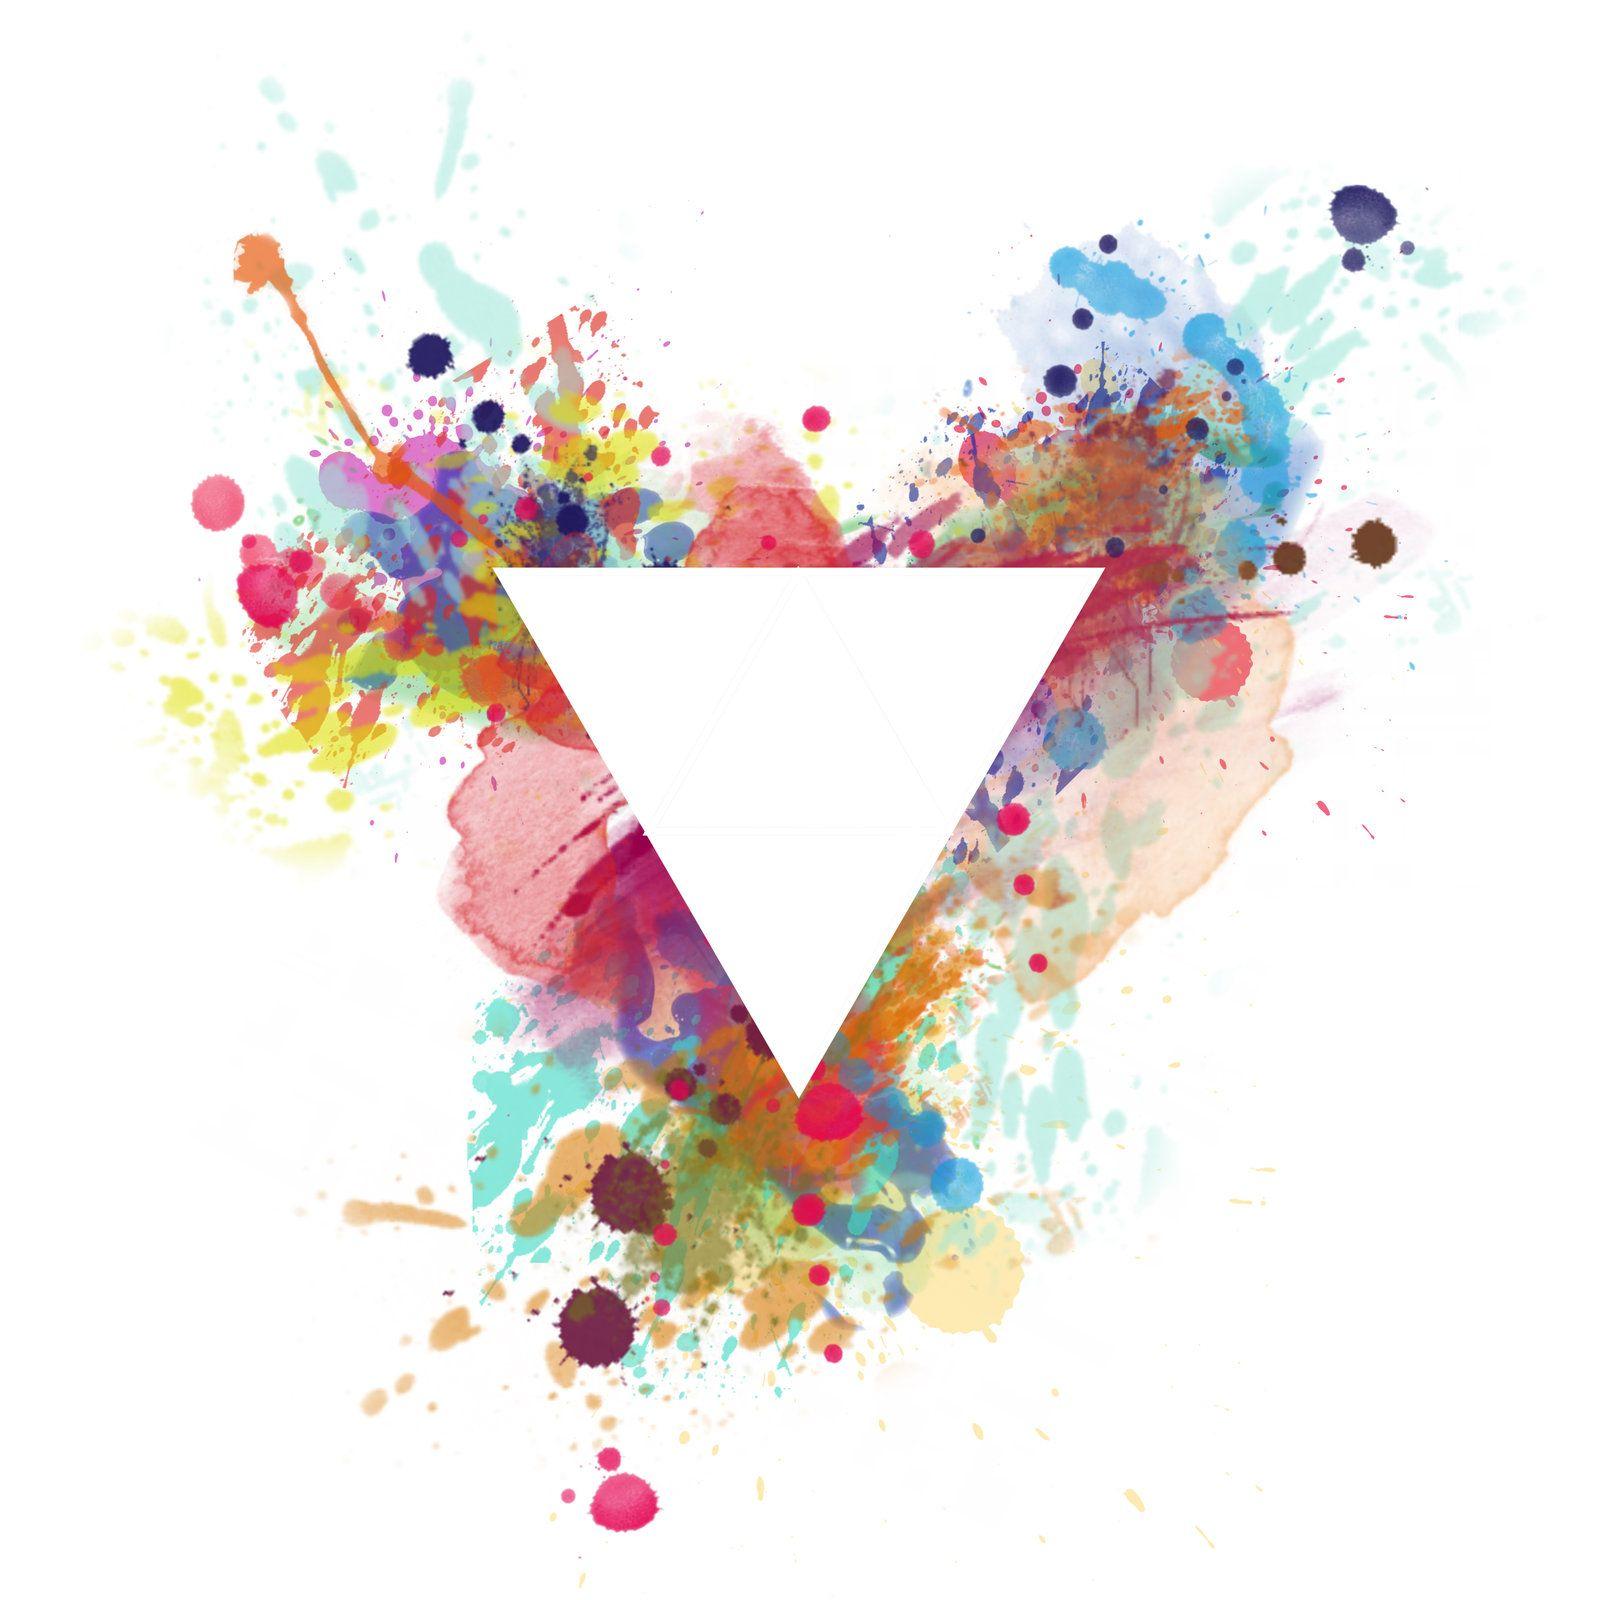 Watercolour Triangle Logo Google Search Watercolor Logo